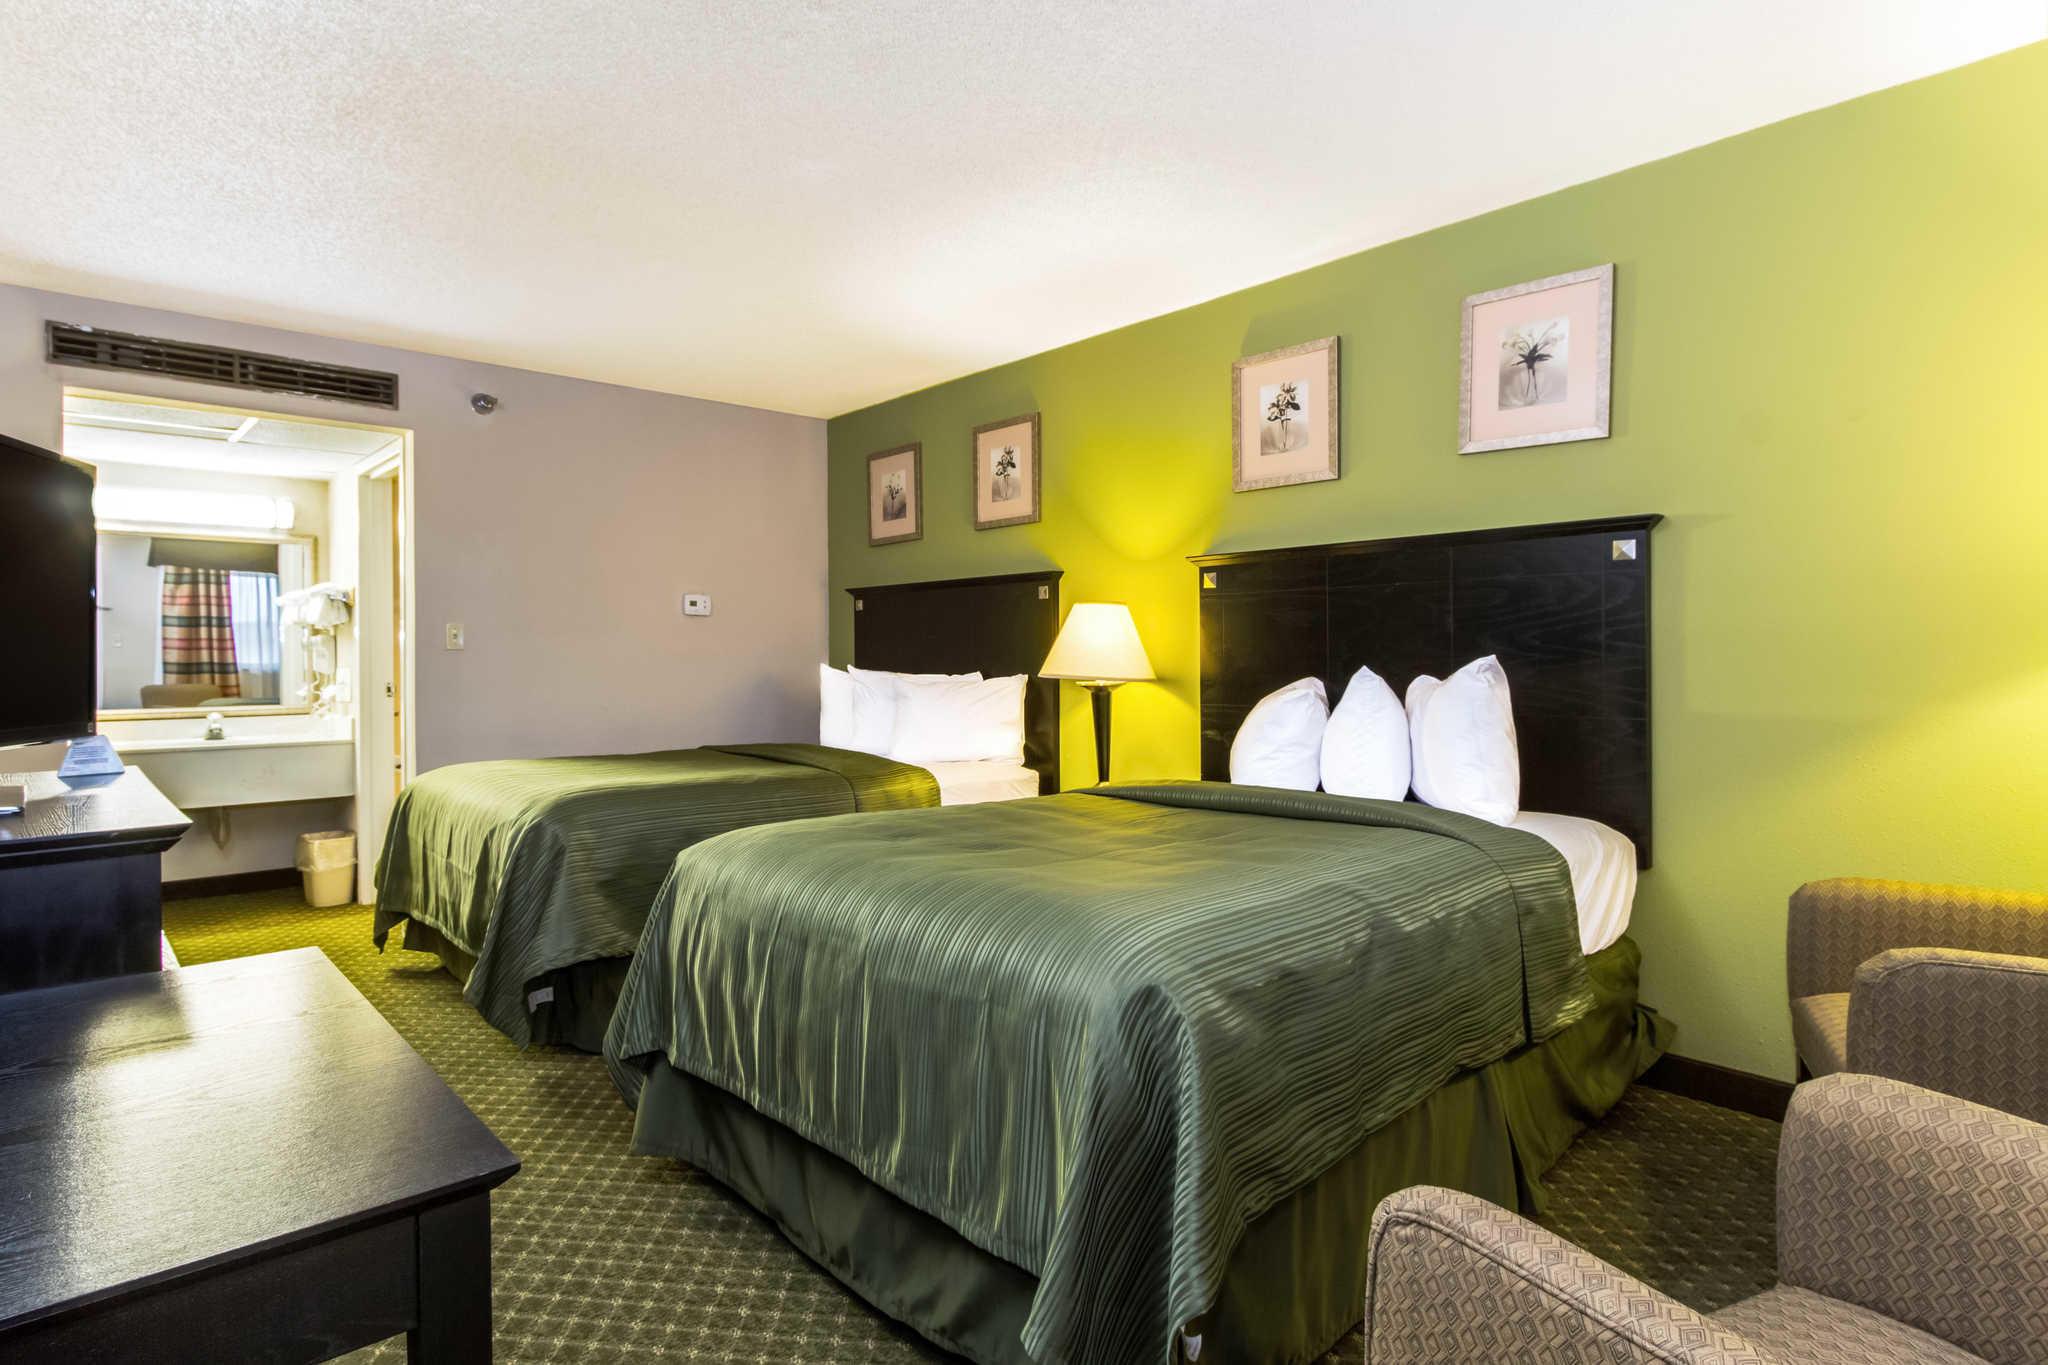 Quality Inn & Suites Moline - Quad Cities image 14